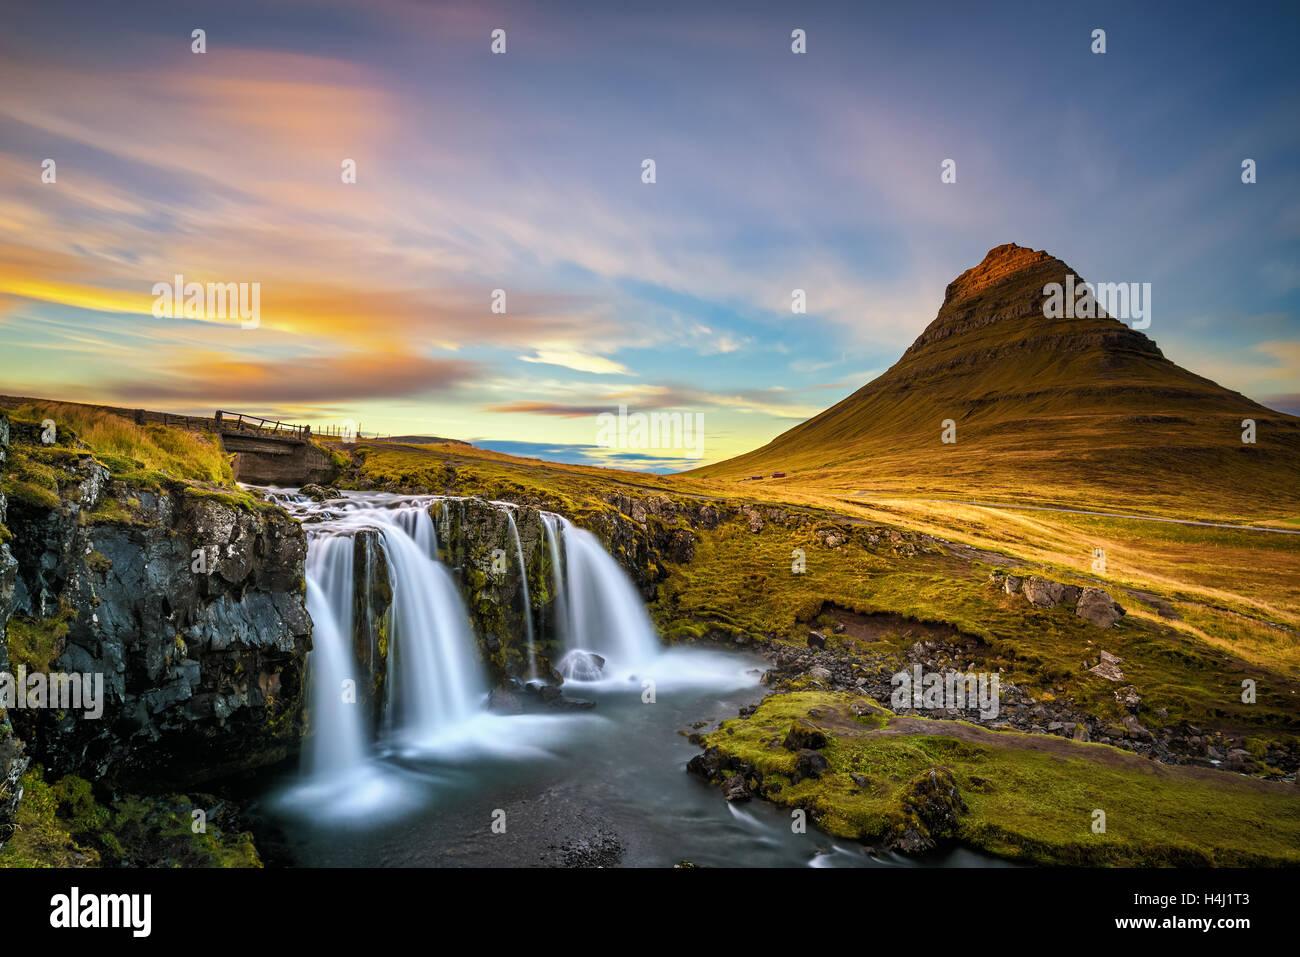 Estate tramonto sulla famosa cascata Kirkjufellsfoss con Kirkjufell mountain in background in Islanda. Lunga esposizione. Immagini Stock